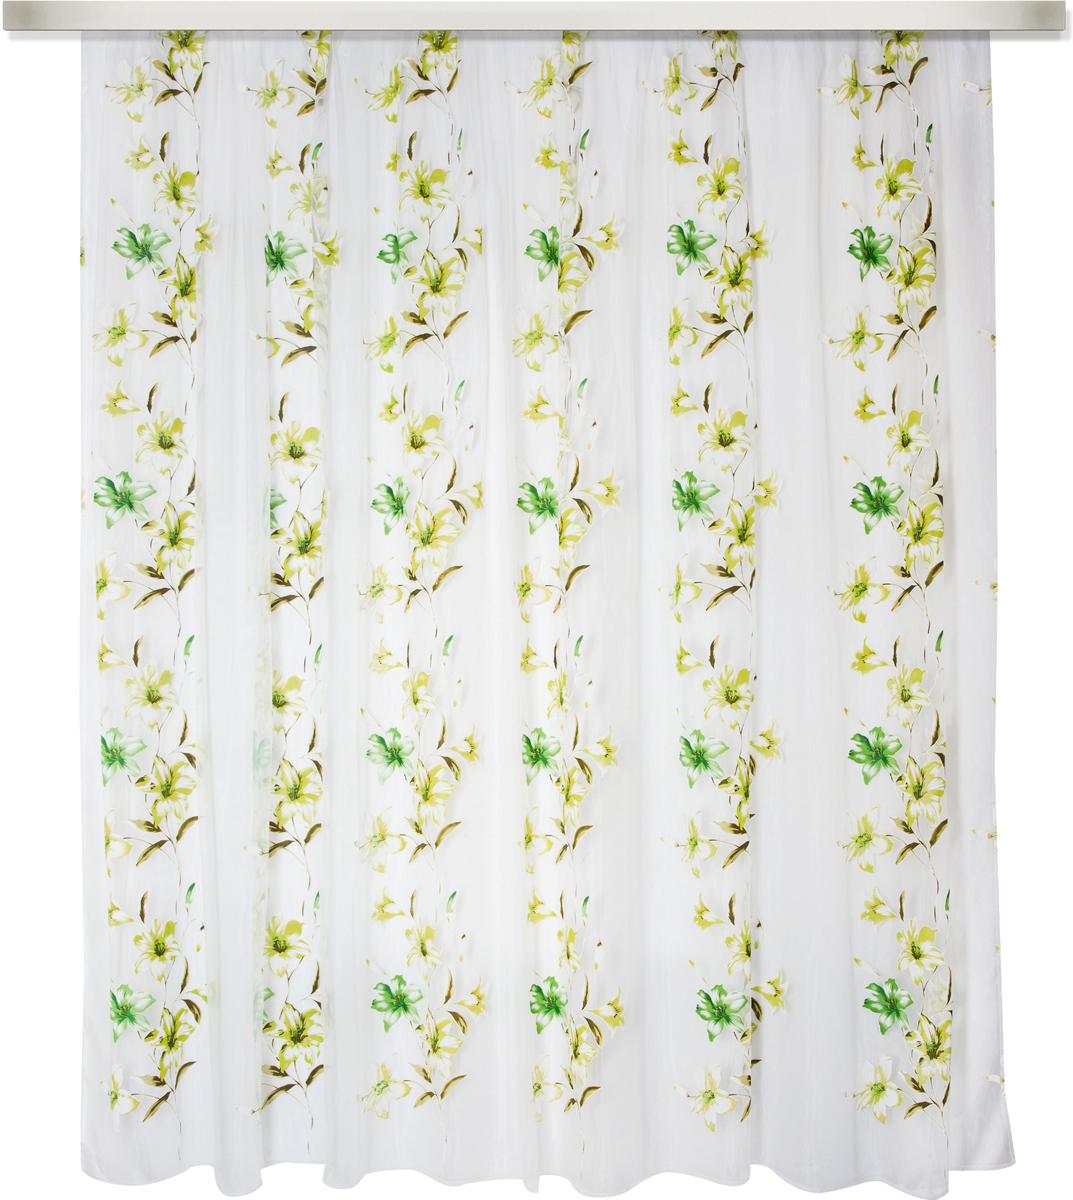 Тюль Zlata Korunka, на ленте,цвет: зеленый, высота 270 см, ширина 400 см777124Тюль Zlata Korunka, изготовленный из 100% полиэстера, великолепно украсит любое окно.Воздушная ткань и приятная, приглушенная гамма привлекут к себе внимание и органичновпишутся в интерьер помещения.Полиэстер - вид ткани, состоящий из полиэфирных волокон. Ткани из полиэстера -легкие, прочные и износостойкие. Такие изделия не требуют специального ухода, не пылятся ипочти не мнутся. Крепление к карнизу осуществляется с использованием ленты-тесьмы.Такой тюль идеально оформит интерьер любого помещения.Рекомендациипо уходу: - ручная стирка, - можно гладить, - нельзя отбеливать.